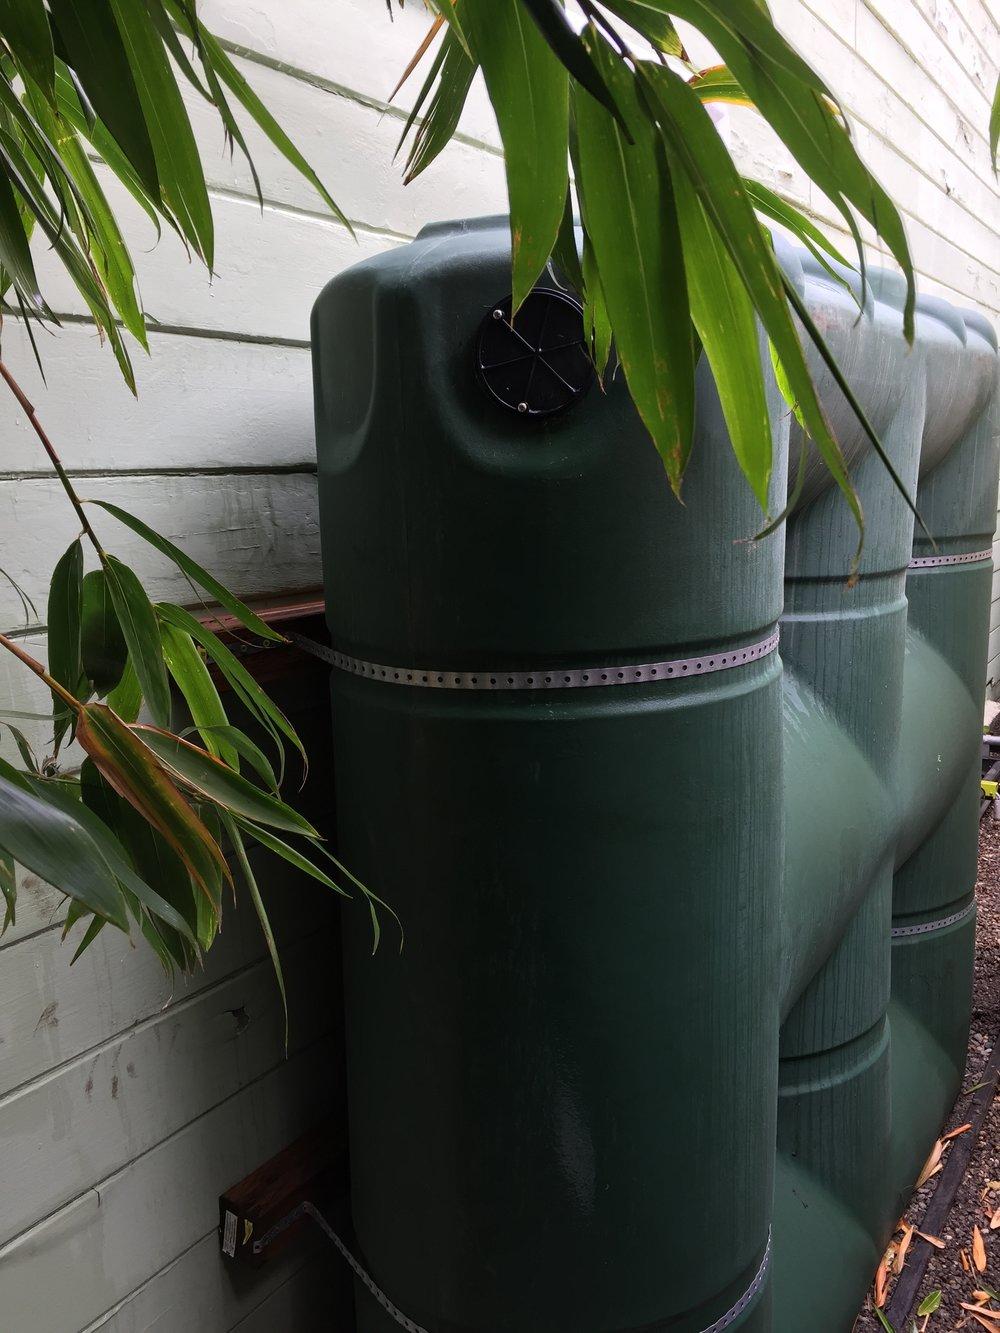 Rainwaterharvesting.jpg